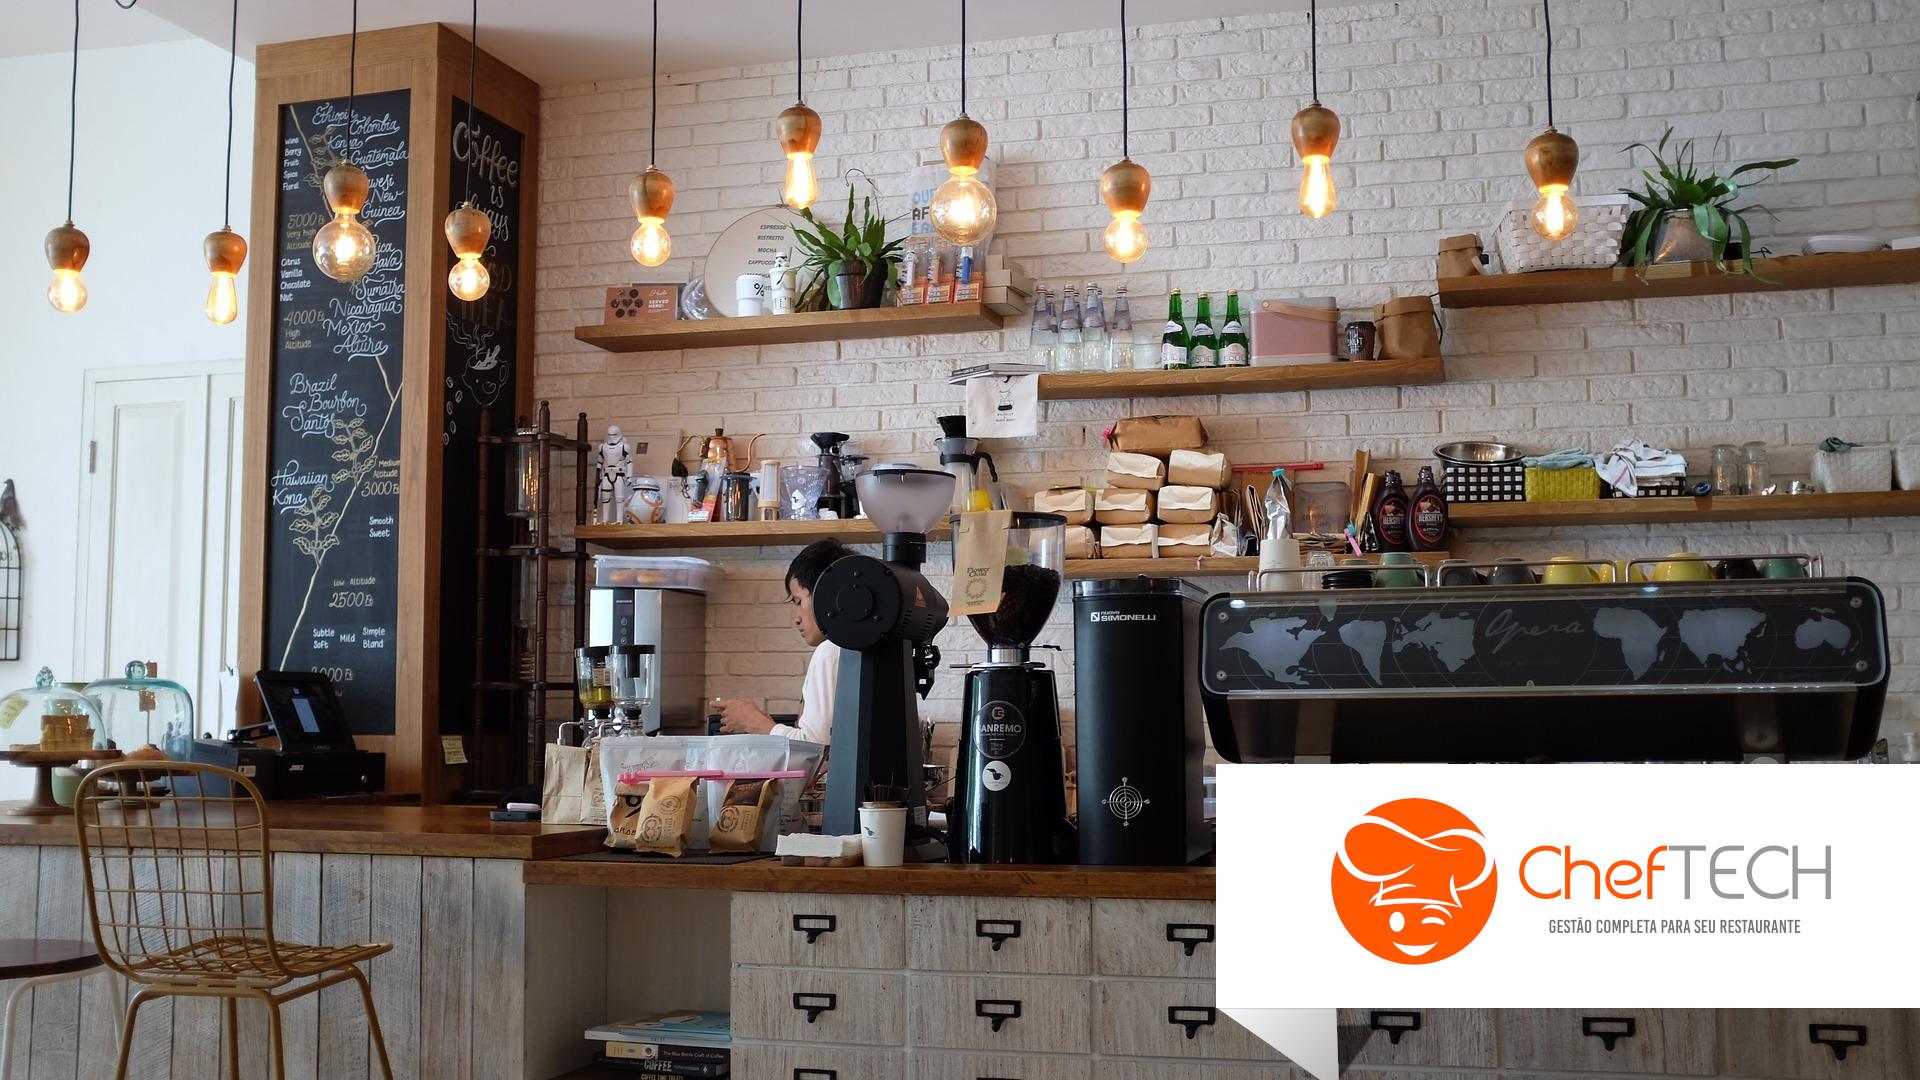 Cafeteria com sistema ChefTECH